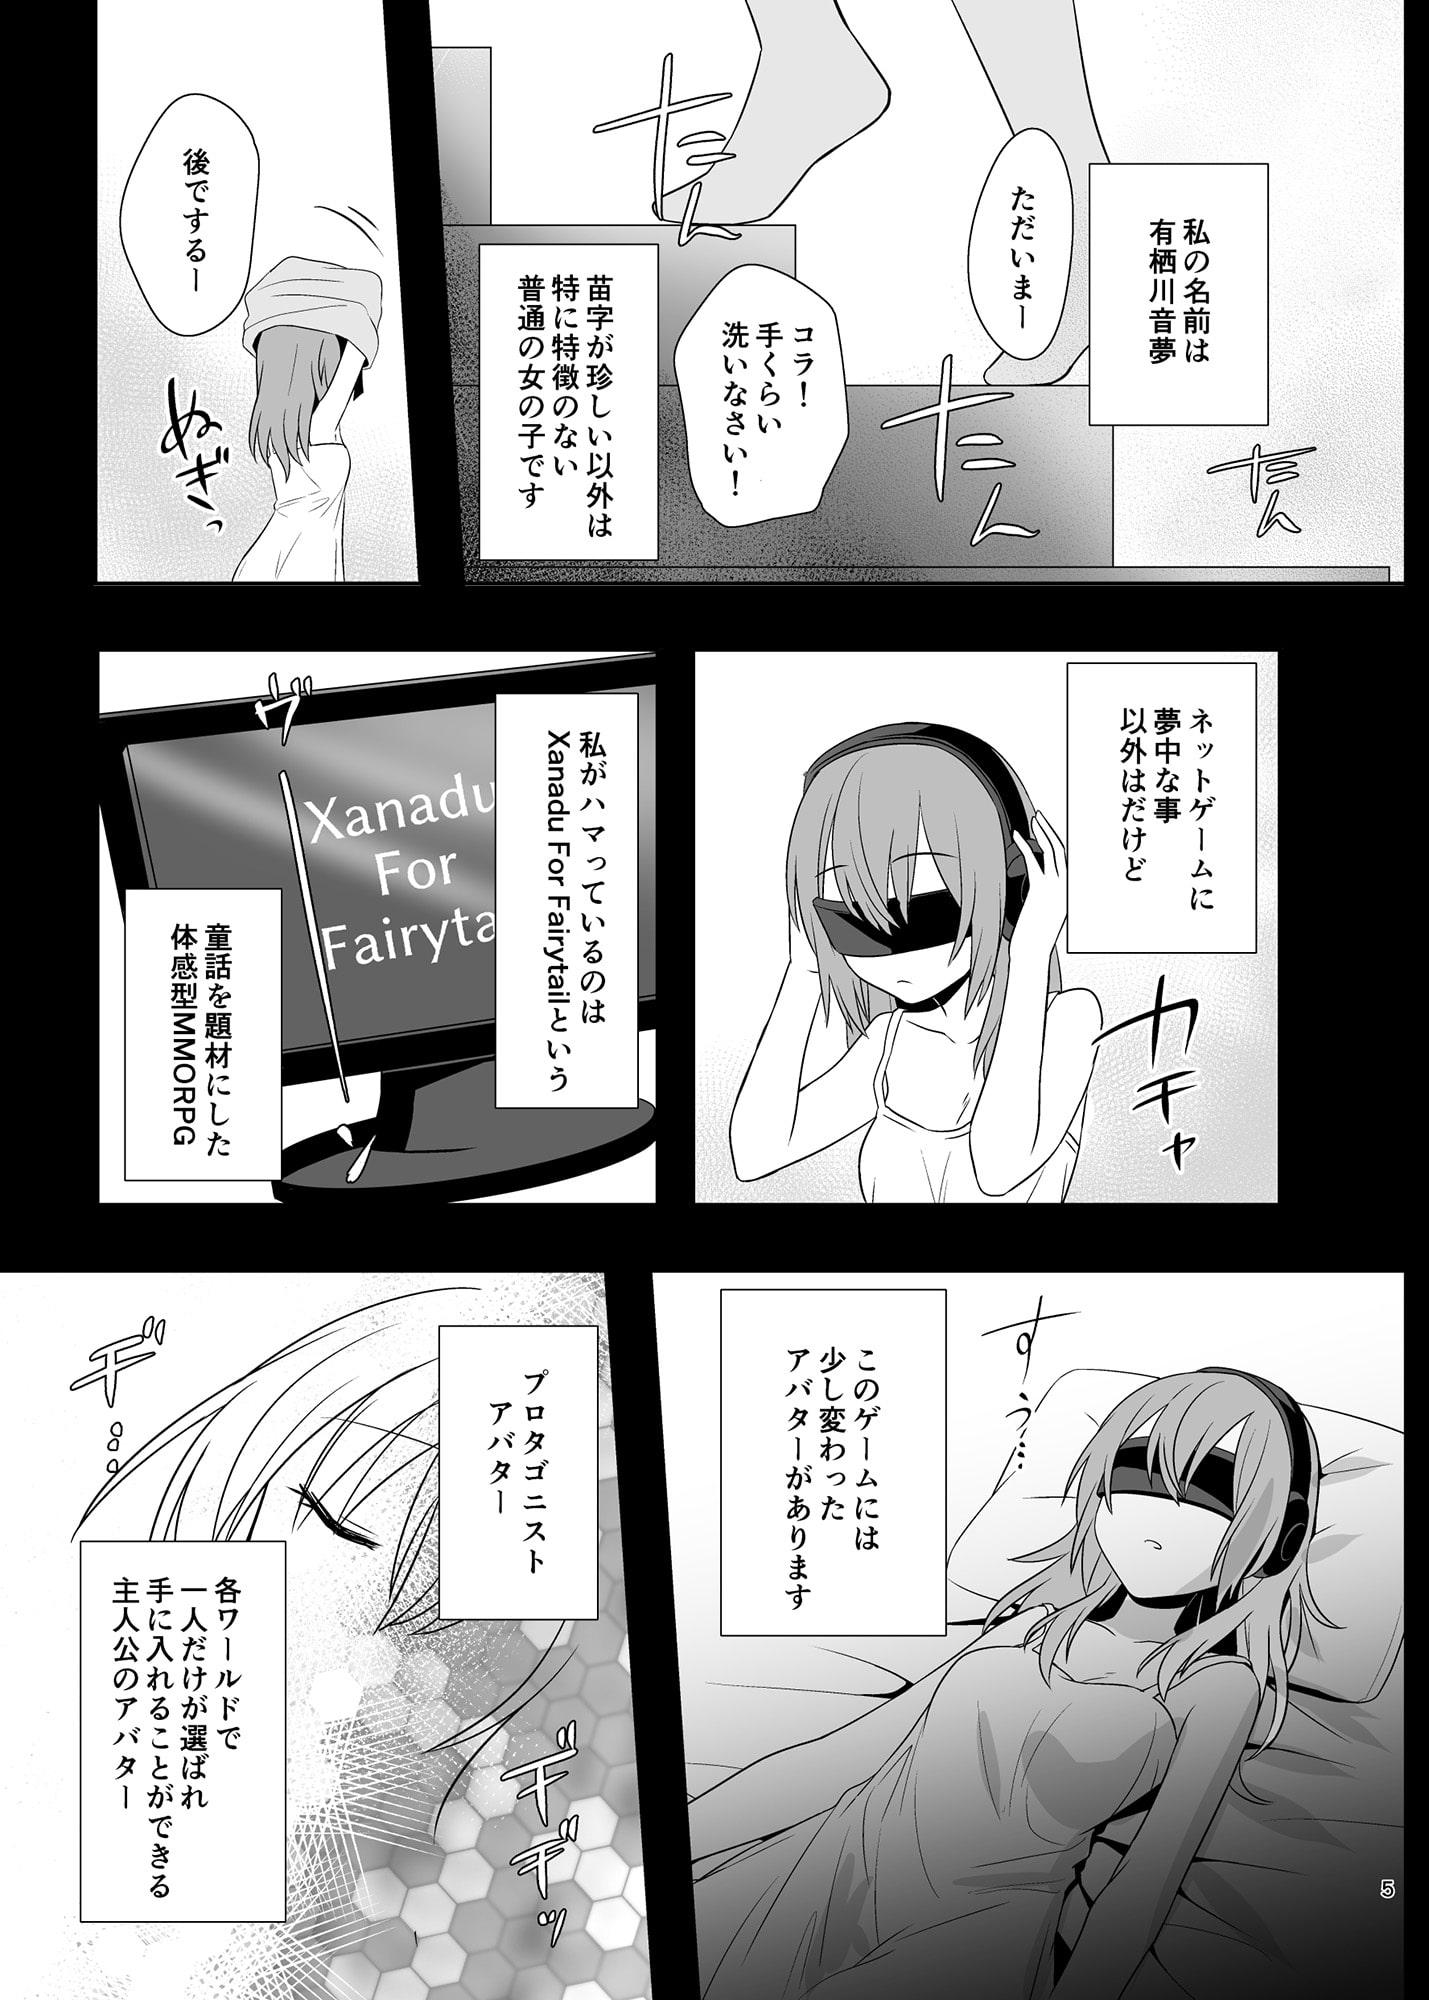 仮想童話は危険がいっぱい!?夢見がちな少女編1のサンプル画像